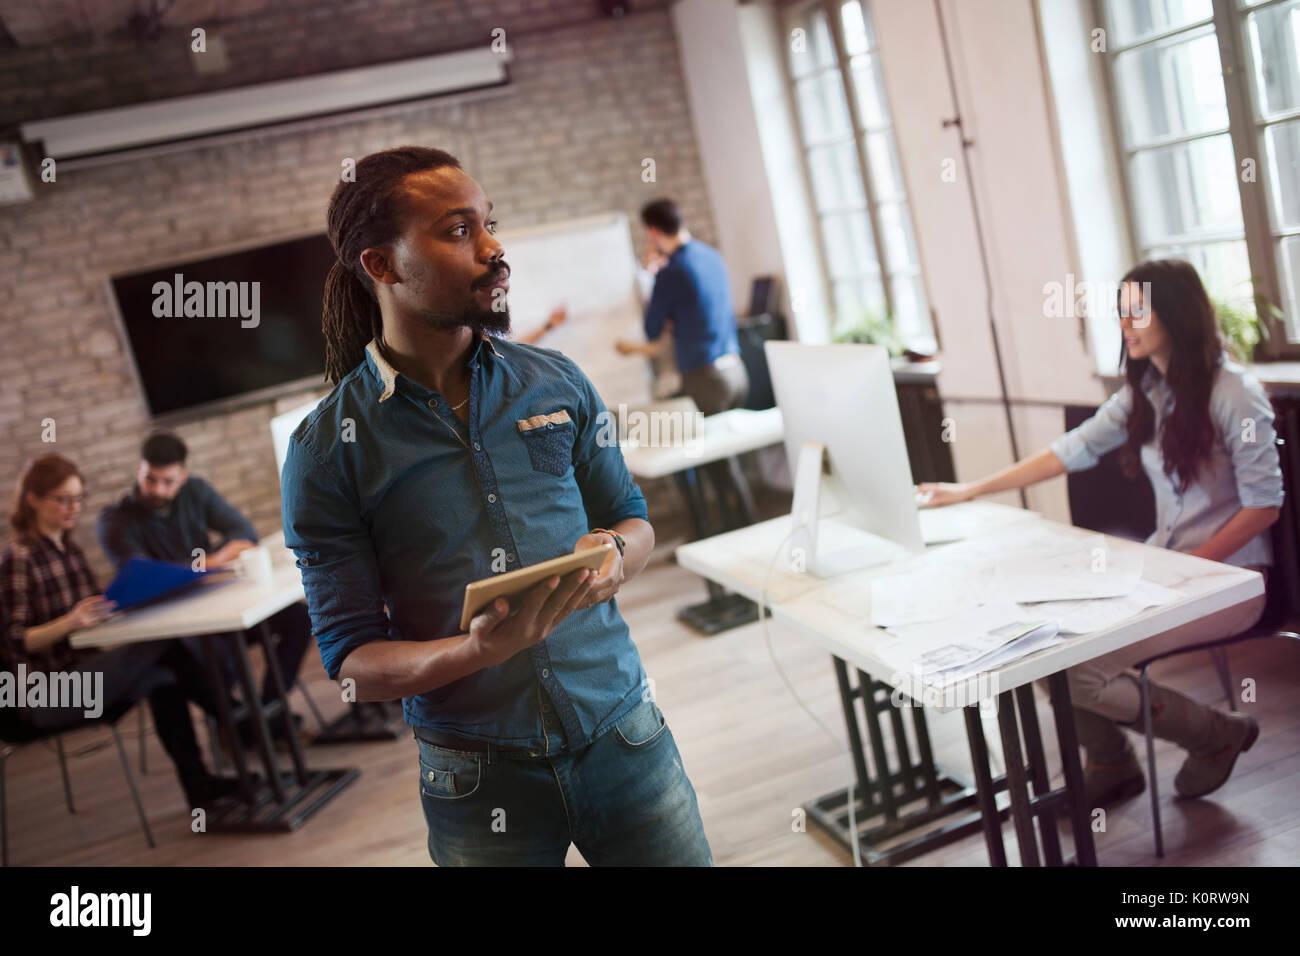 Retrato de joven apuesto diseñador masculino celebración tablet Imagen De Stock